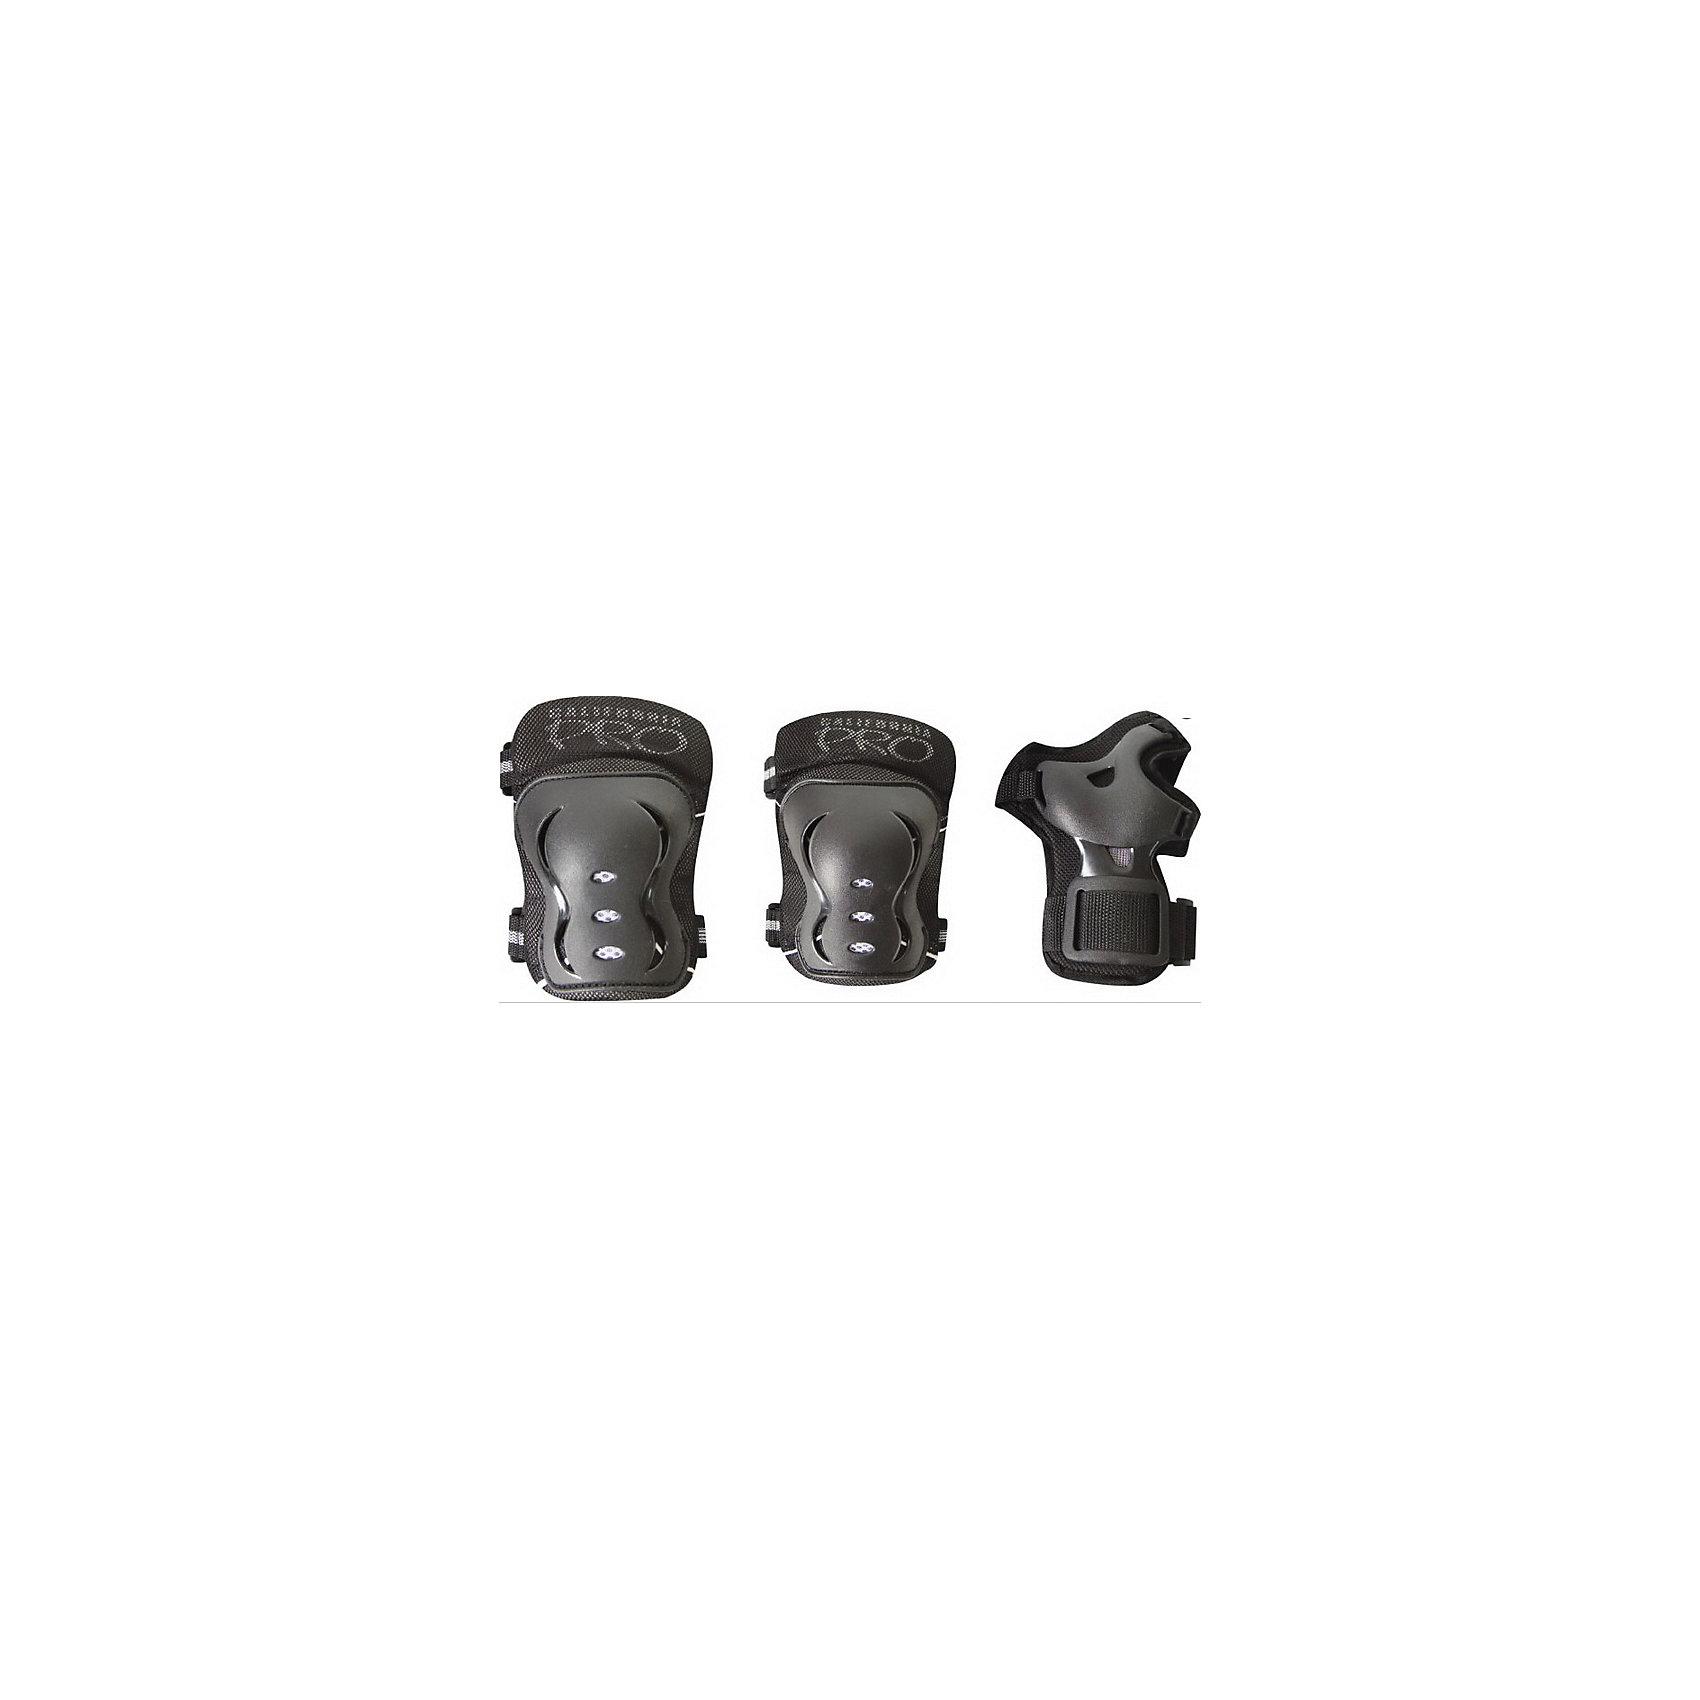 Защита California Pro, размер M, Tech TeamХарактеристики:<br><br>• Предназначение: для защиты от травм во время катания<br>• Пол: универсальный<br>• Цвет: черный<br>• Материал: пластик, текстиль<br>• Застежка: липучка<br>• Комлектация: наколенники, налокотники, защита на кисти рук<br>• Размер упаковки: 79*3,8*50 см (М)<br>• Вес: 458 г<br><br>Защита California Pro, размер M, Tech Team обеспечивает комплексную защиту коленей, локтей и кистей рук во время катания ребенка на велосипеде, самокате, роликах или скейтборде. Все защитные элементы легко крепятся за счет застежек на липучках и плотно прилегают к частям тела. Твердые вставки обеспечивают защиту суставов от вывихов. <br>Защита California Pro, размер M, Tech Team обеспечит безопасное катание вашего ребенка на любом виде детского транспорта!<br><br>Защита California Pro, размер M, Tech Team можно купить в нашем интернет-магазине.<br><br>Подробнее:<br>Для детей в возрасте: от 5 и до 8 лет<br>Номер товара: 4144448<br>Страна производитель: Китай<br><br>Ширина мм: 790<br>Глубина мм: 500<br>Высота мм: 38<br>Вес г: 458<br>Возраст от месяцев: 60<br>Возраст до месяцев: 96<br>Пол: Унисекс<br>Возраст: Детский<br>SKU: 4144448